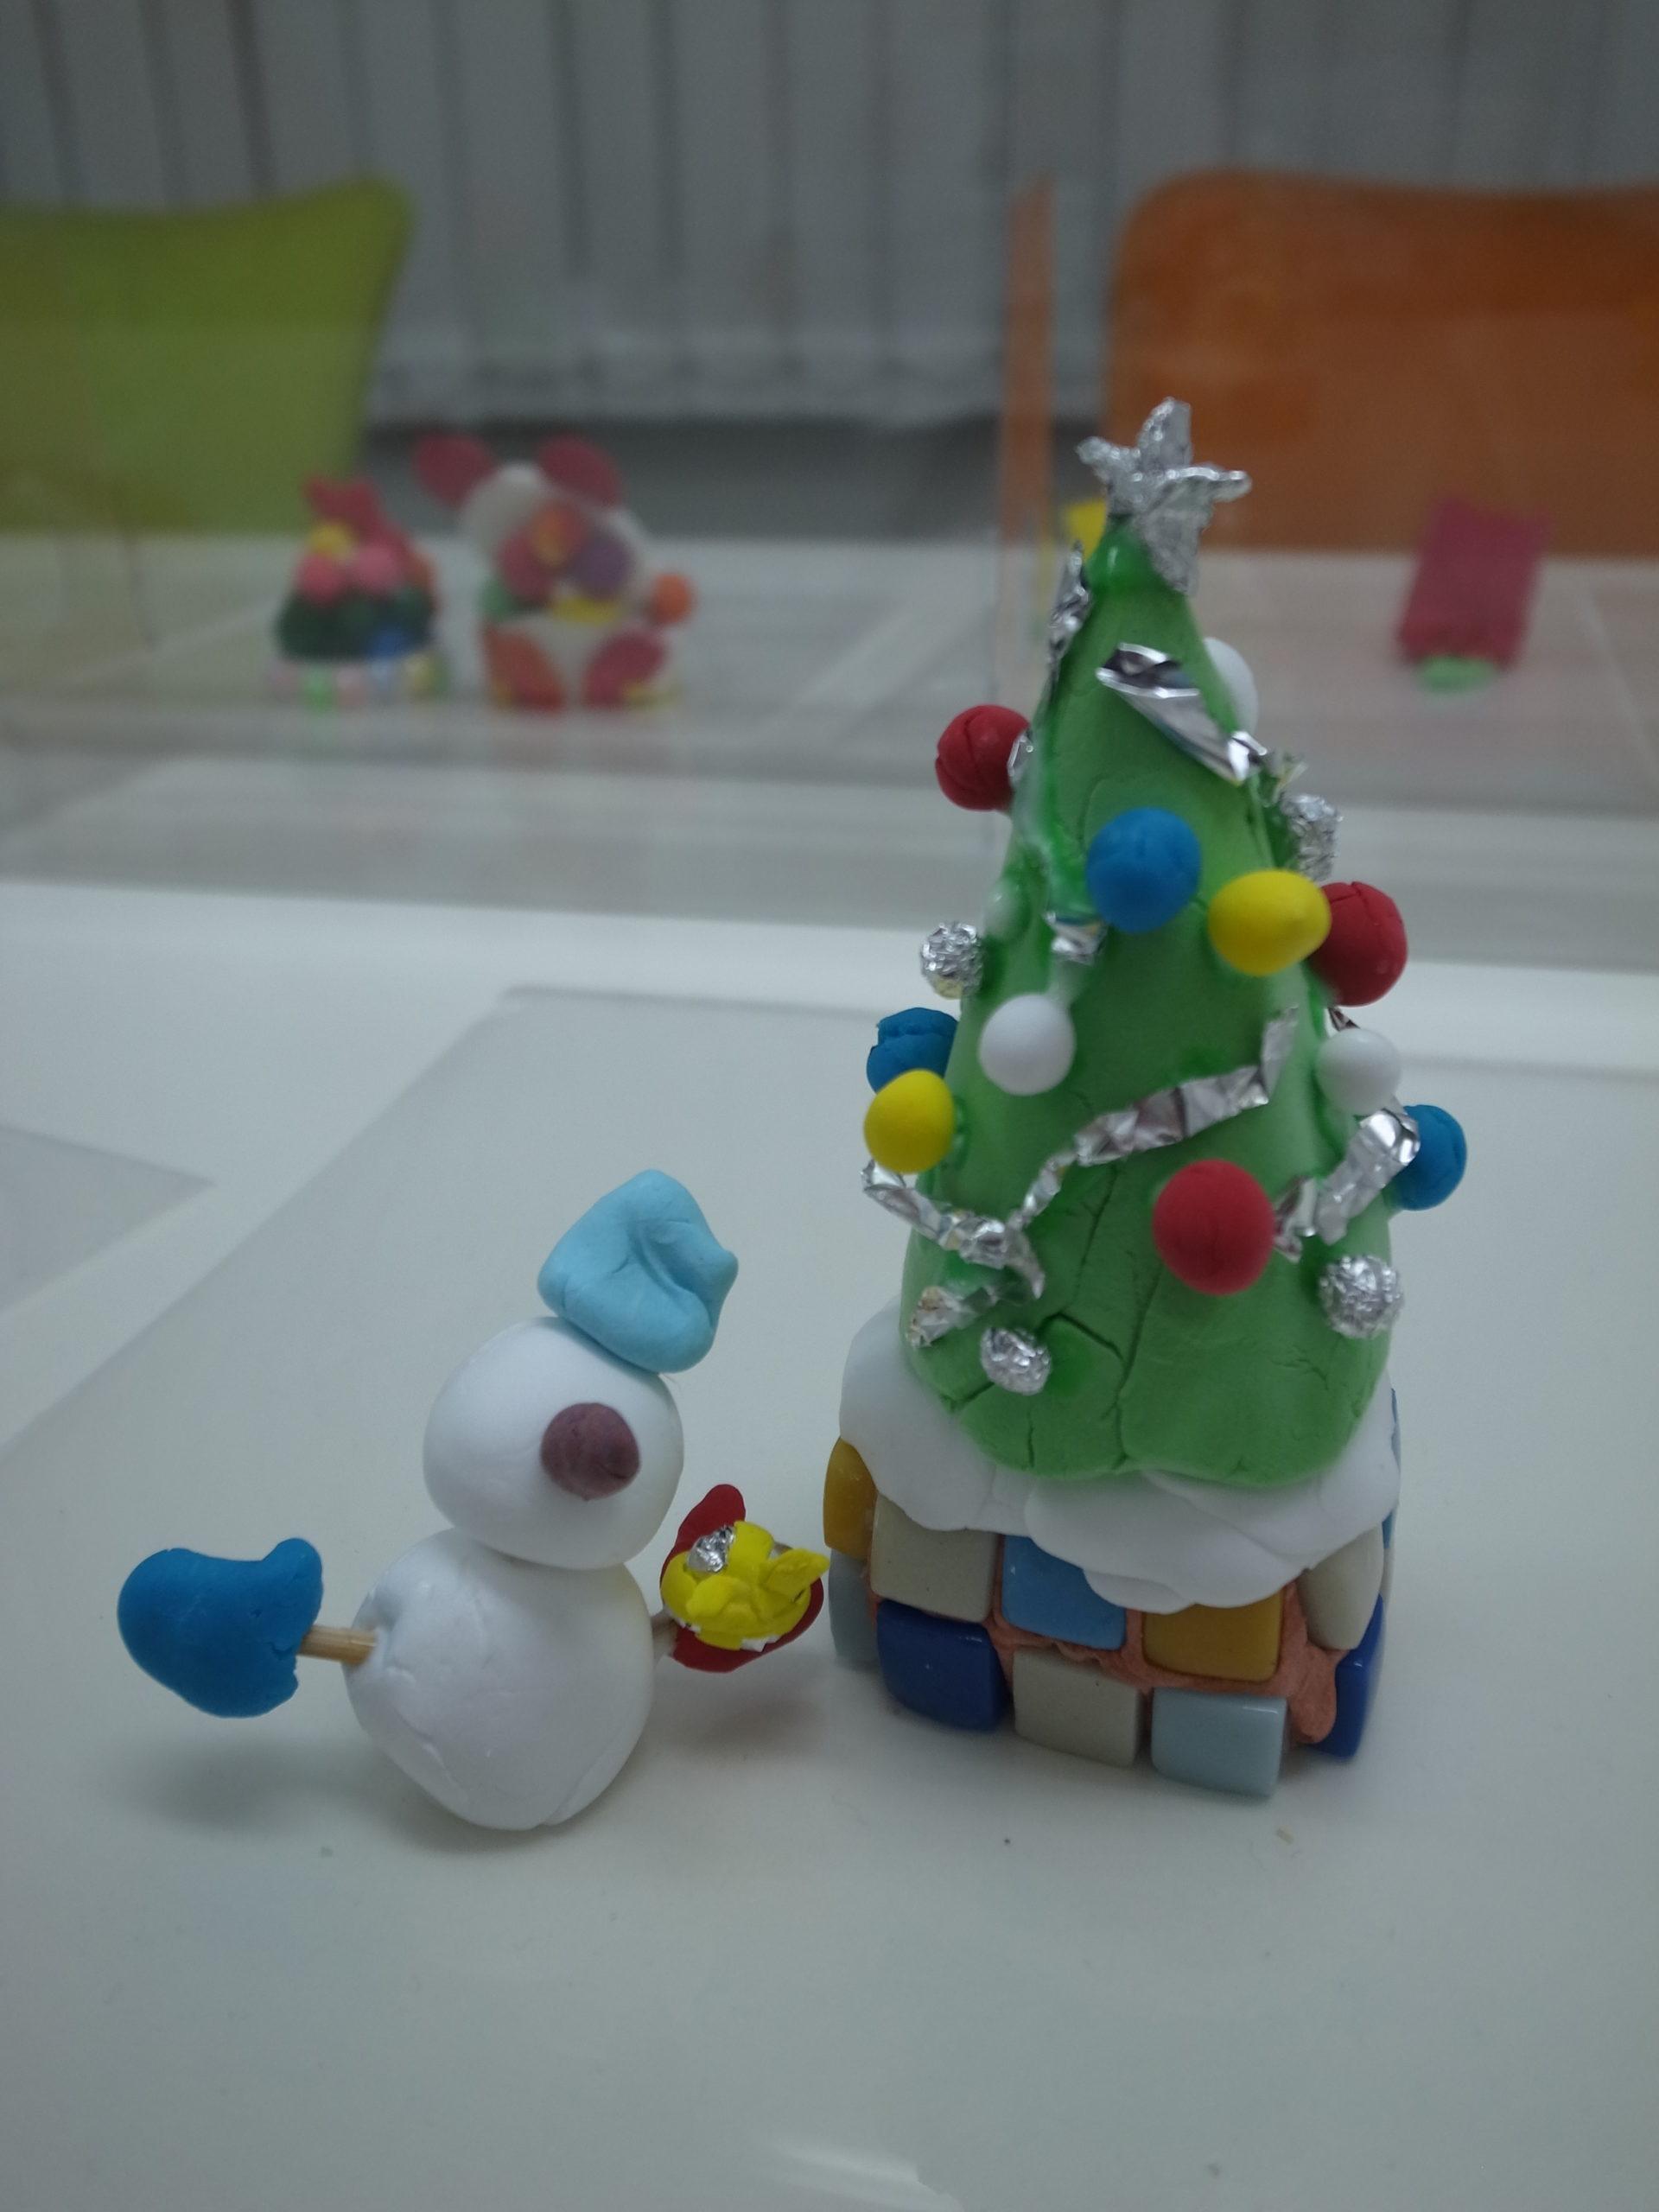 クリスマス飾り作りのワークショップを実施しました。